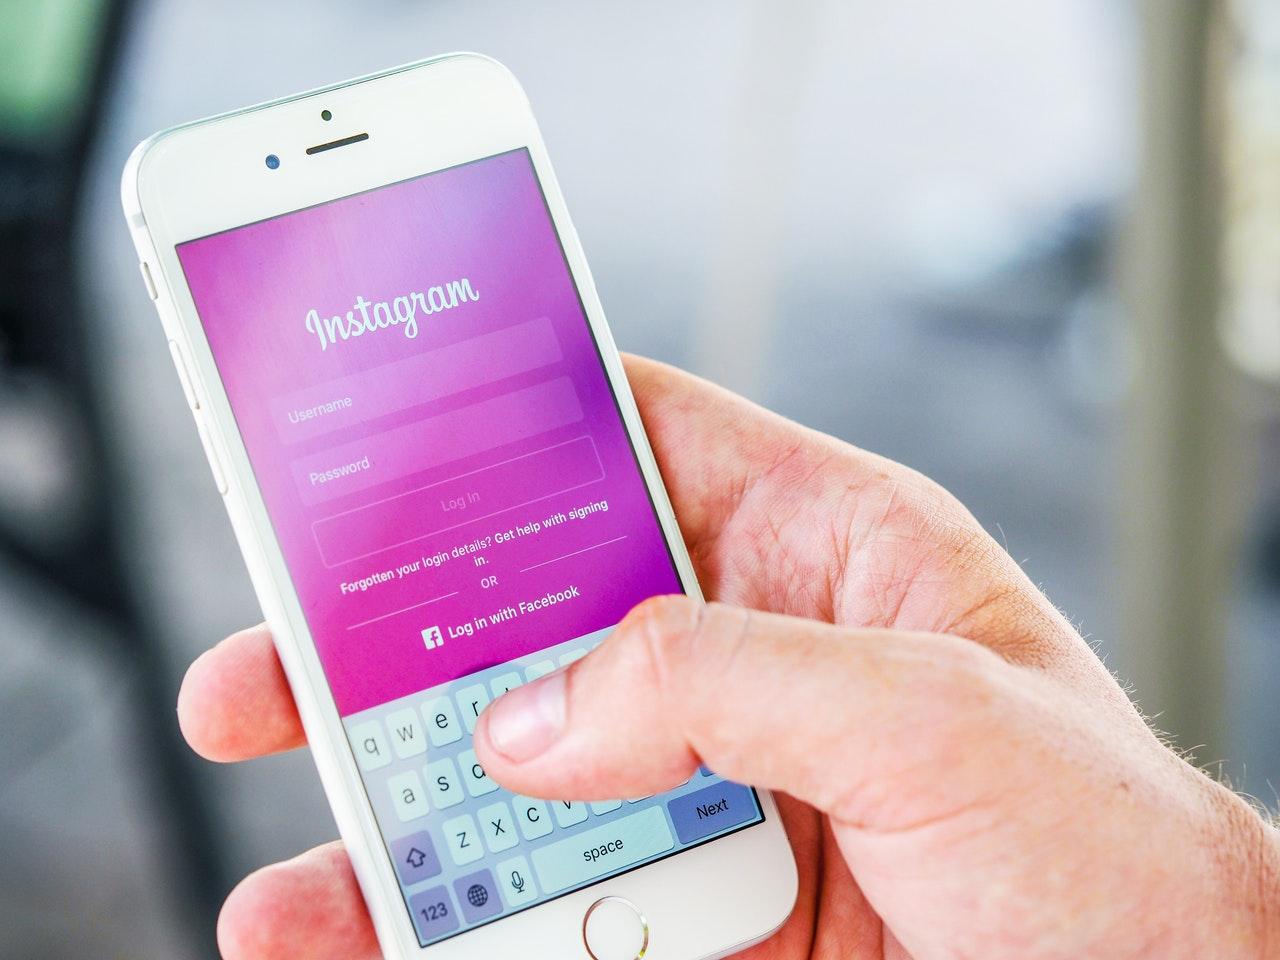 O que fazer para ter milhares de seguidores no Instagram? (Foto de energepic.com no Pexels)